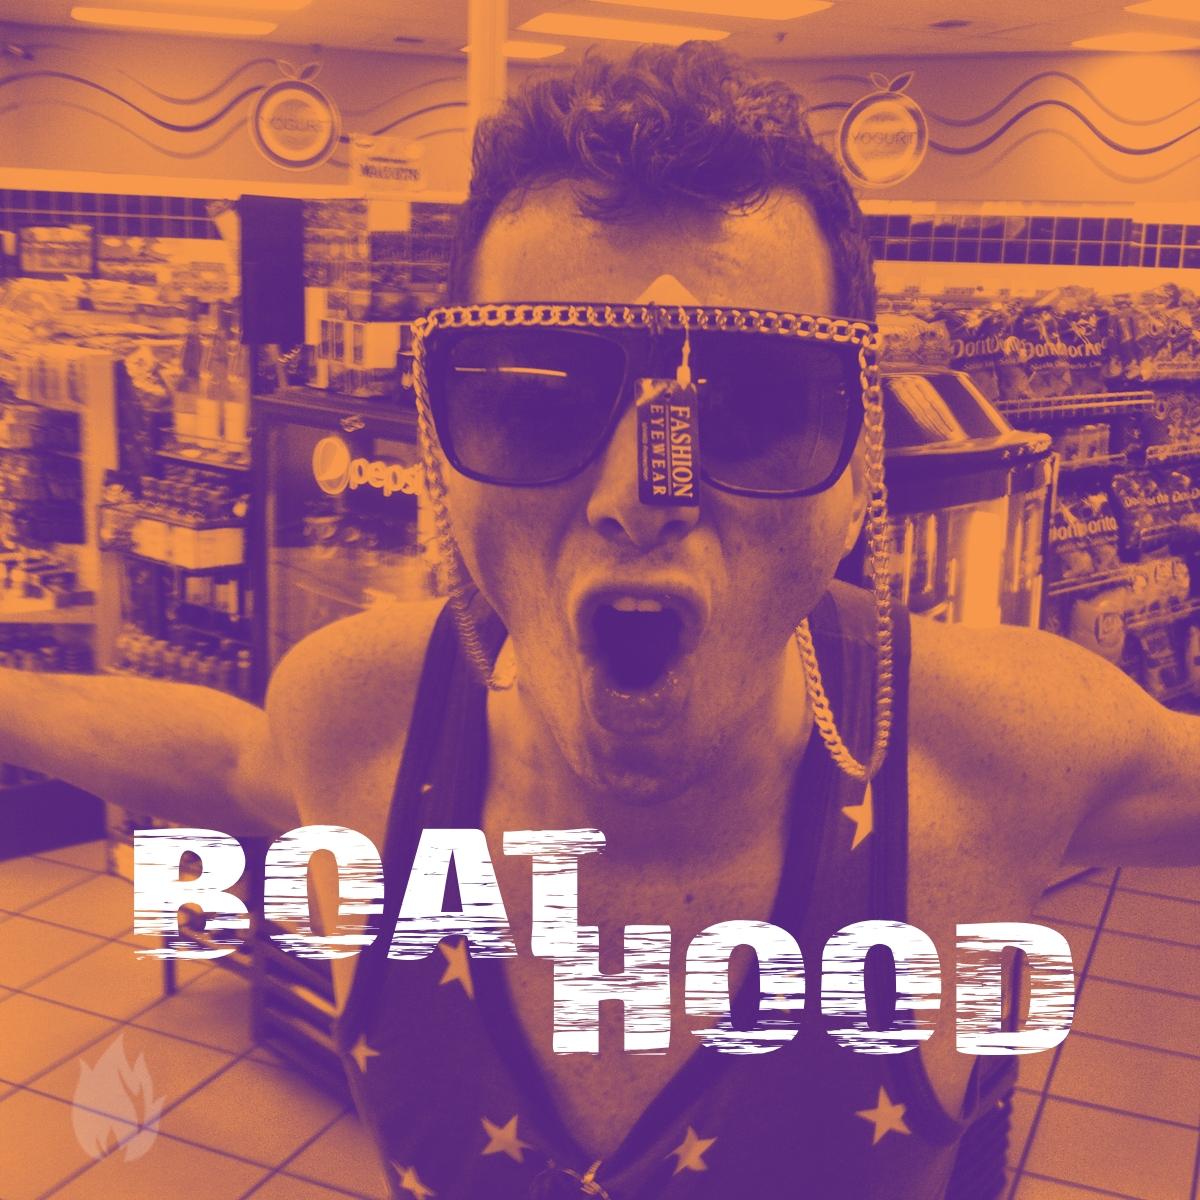 BOATHOOD